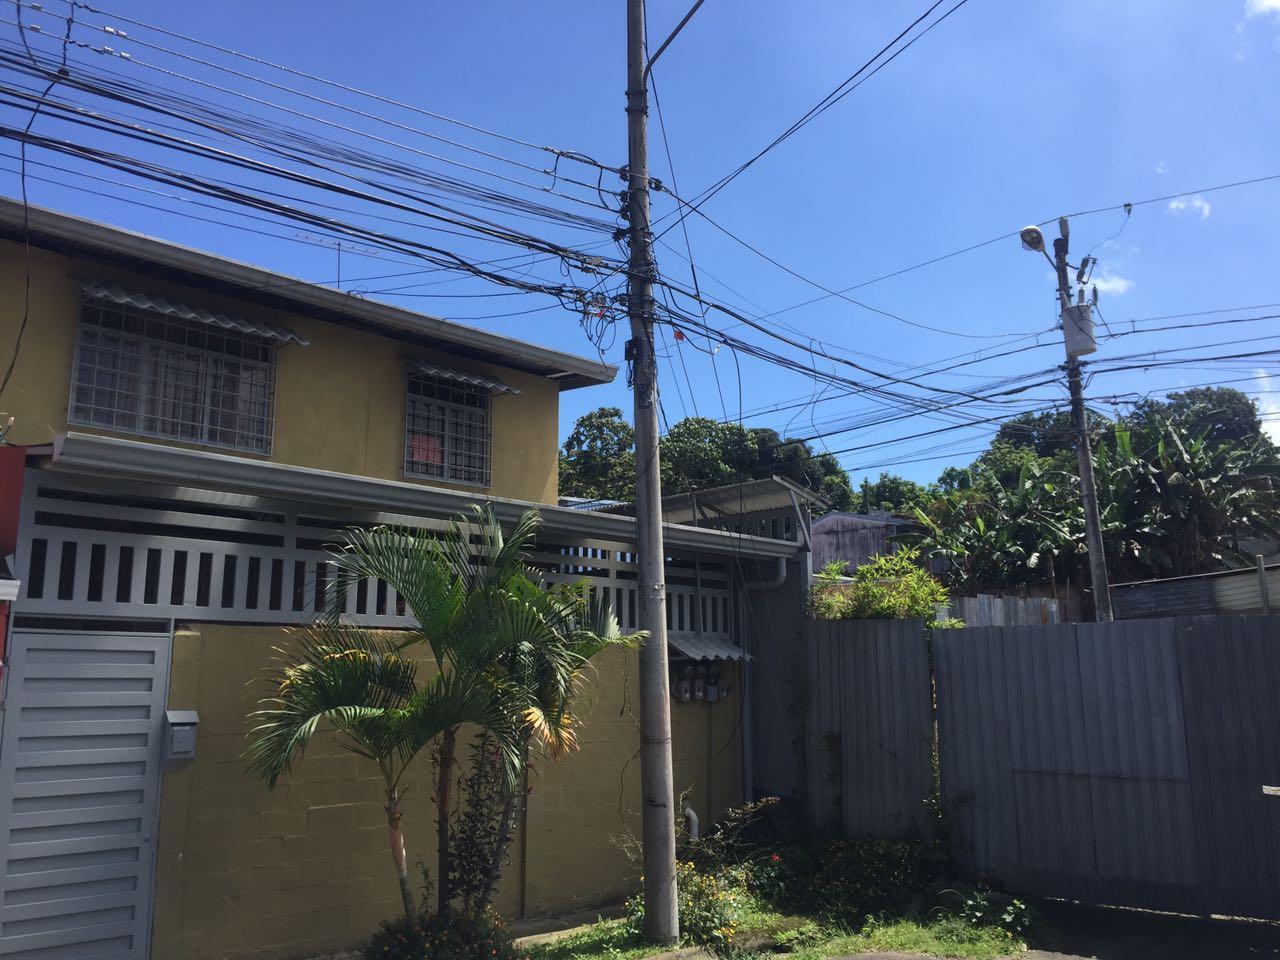 2198 Oportunidad de Inversión, excelente retorno – Propiedad con 4 Apartamentos